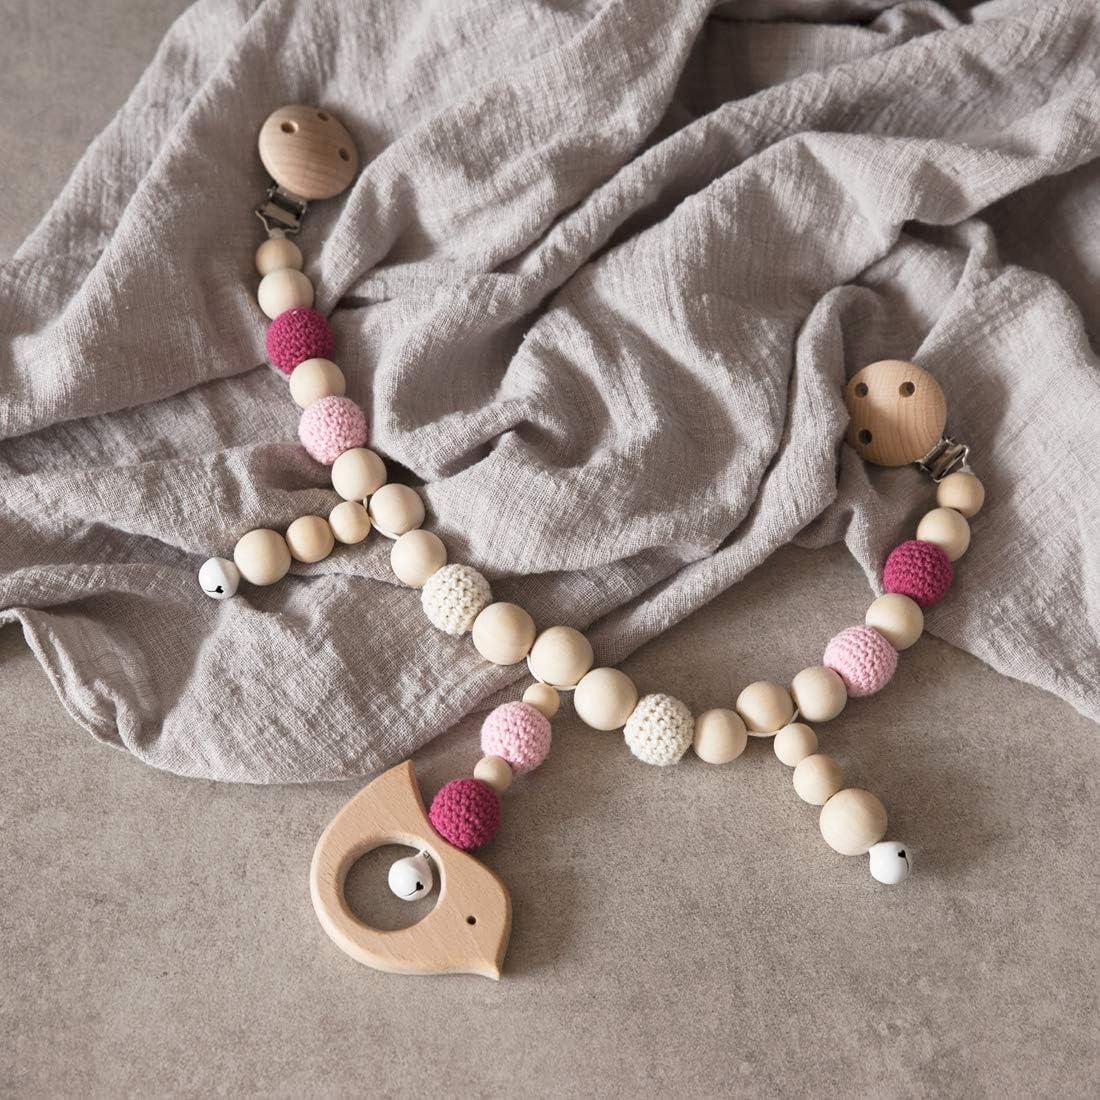 Mamimami Home 1PC Perline in Silicone Per Uccelli in Legno Per Bambini Sonaglio Giocattolo Per Masticare Giocattolo Per Masticare Giocattolo per Bambini Dentizione Montessori